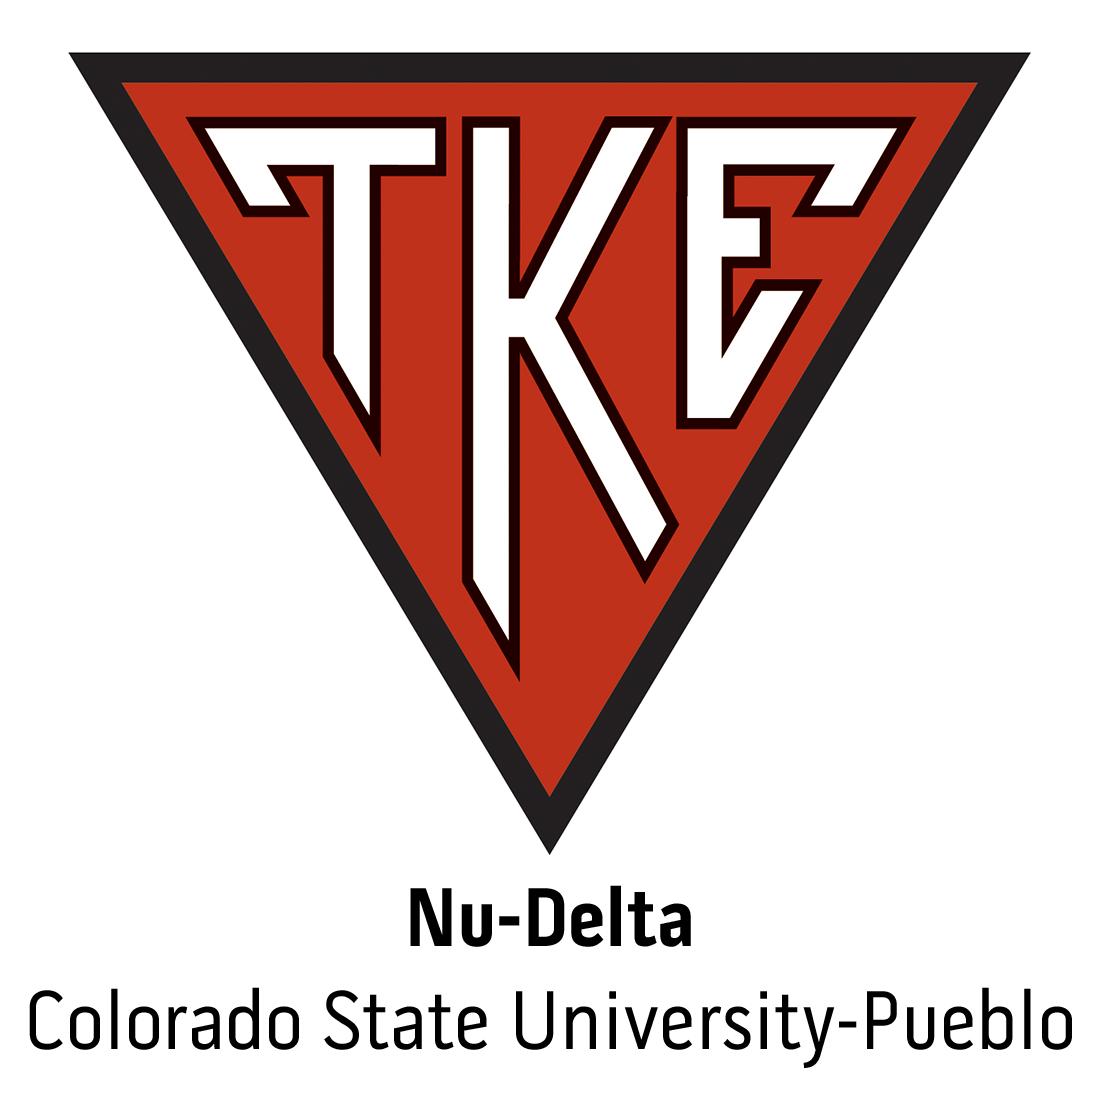 Nu-Delta Chapter at Colorado State University-Pueblo